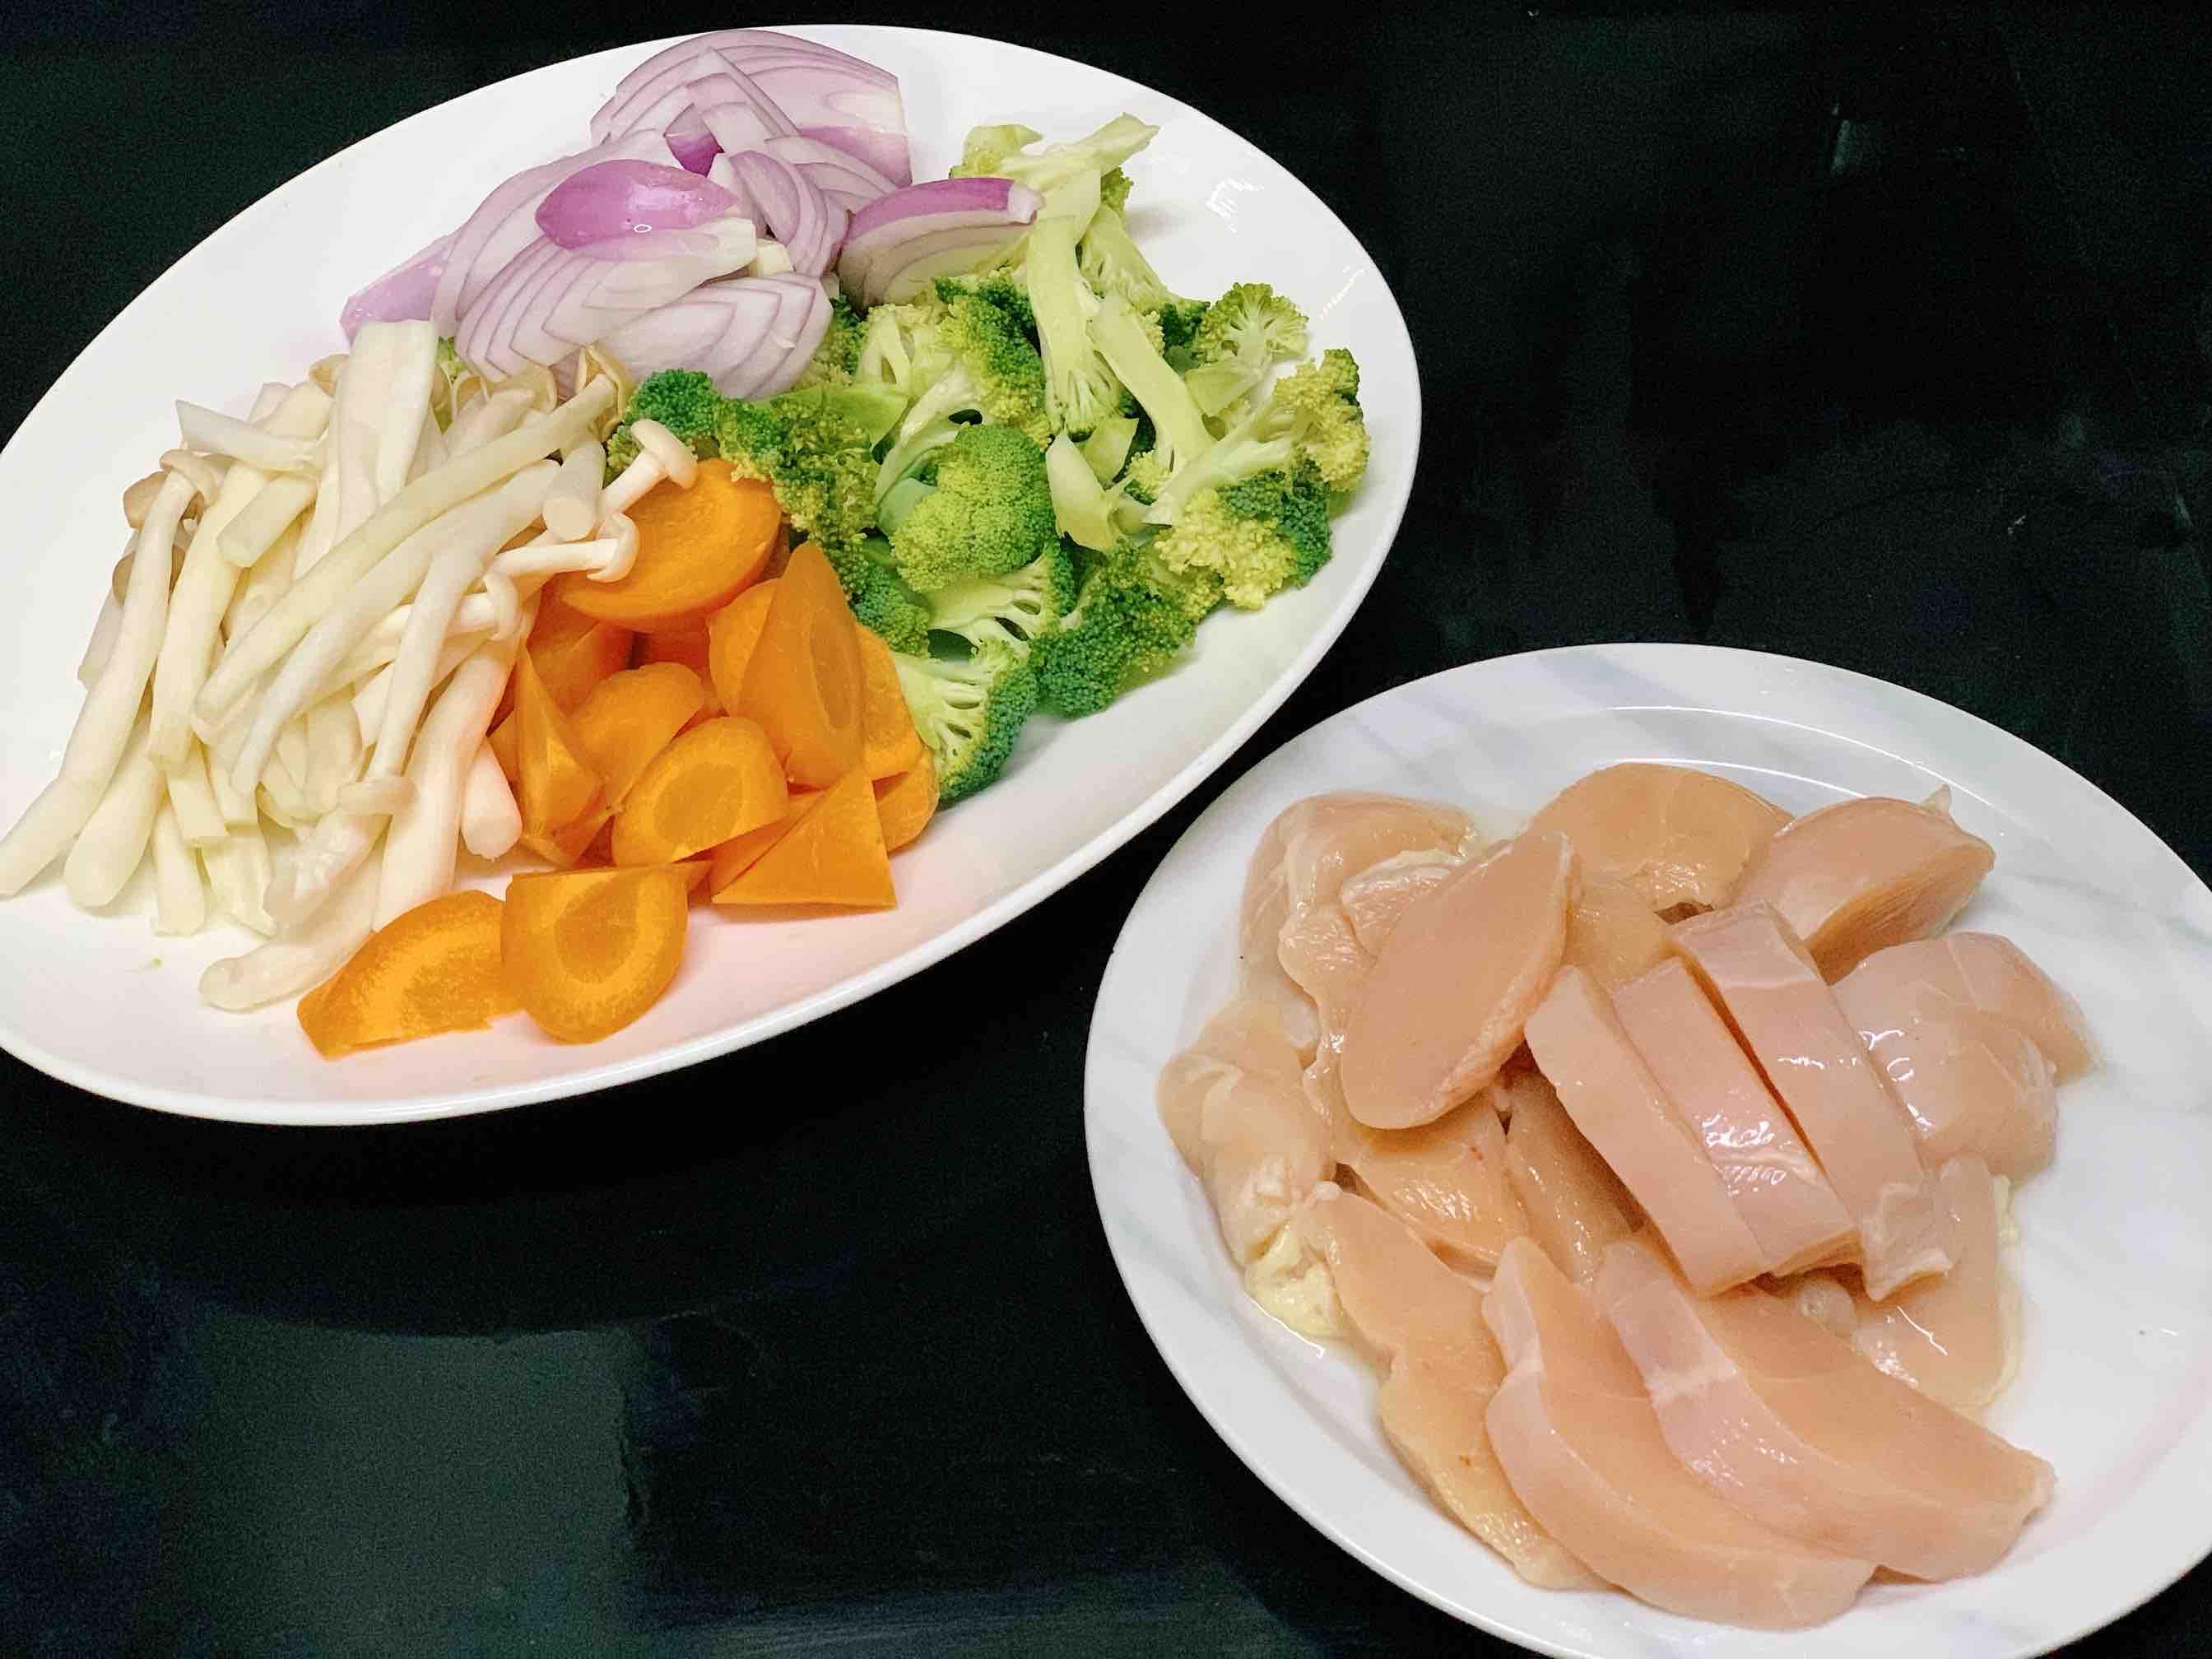 日式奶油炖菜一锅端的做法大全